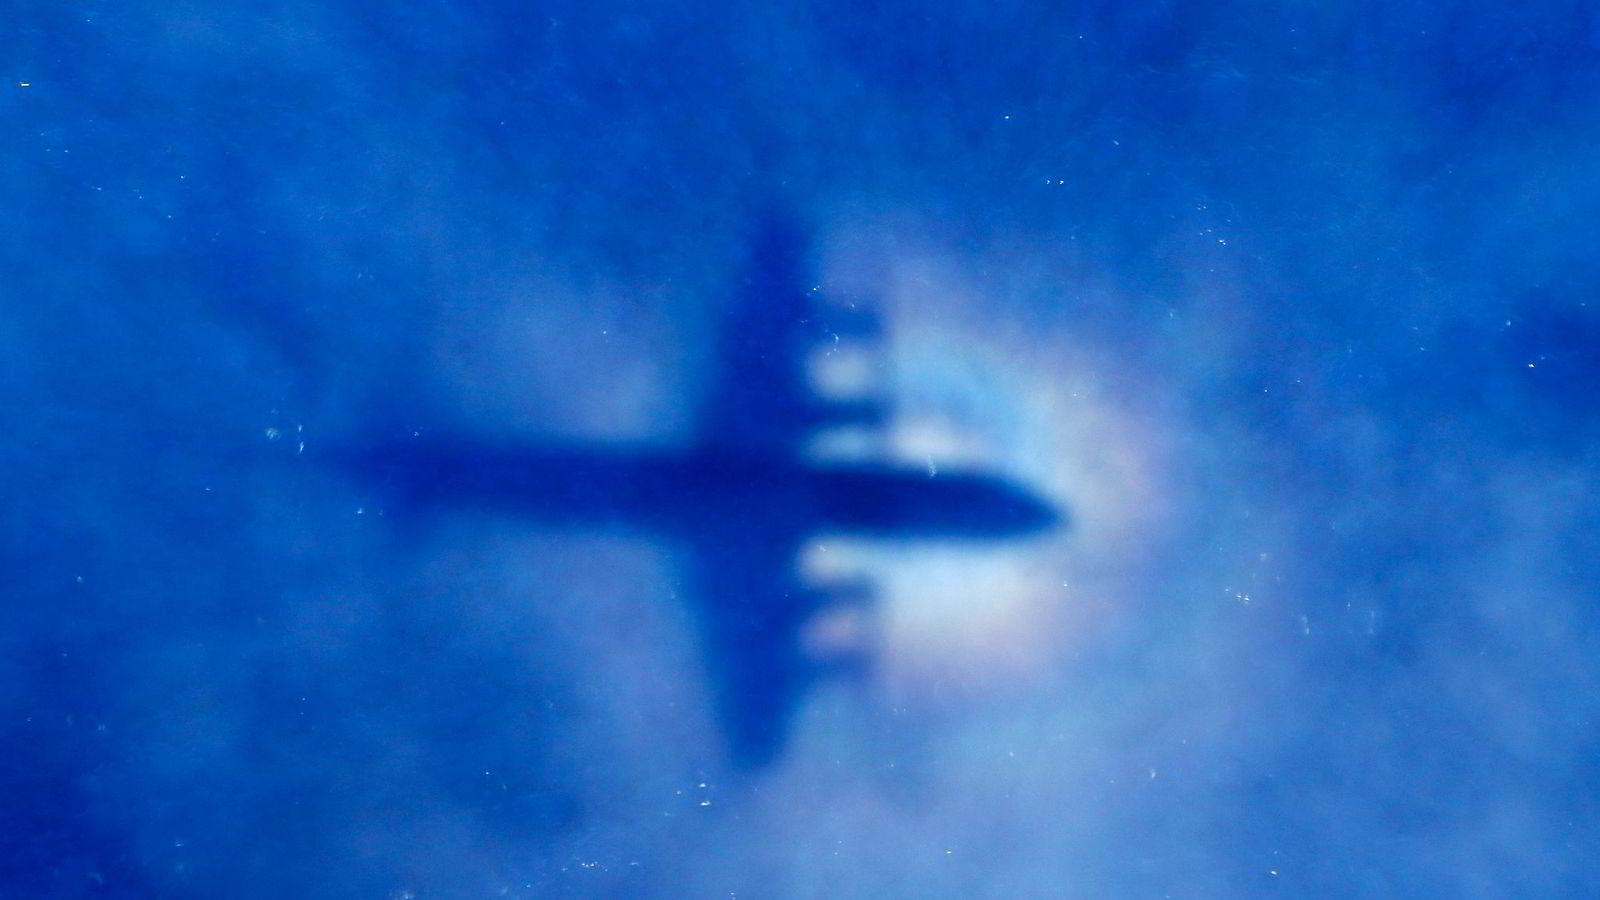 TRYGG LUFTFART. Et Orion-fly fra New Zealands luftforsvar søker etter det savnede Malaysia Airlines-flyet i Indiahavet. Flymysteriet har vist hvor intrikat samarbeidet mellom staten og moderne produksjon er, skriver artikkelforfatteren.